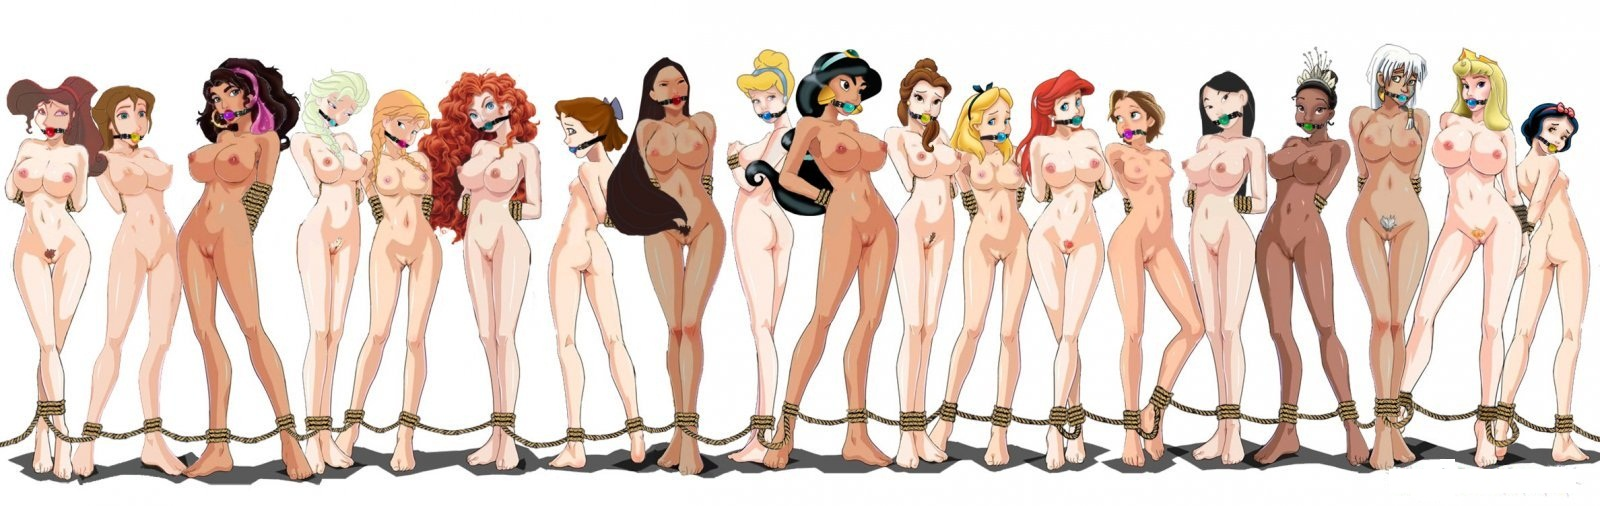 Голые Девушки Из Мультиков Картинки